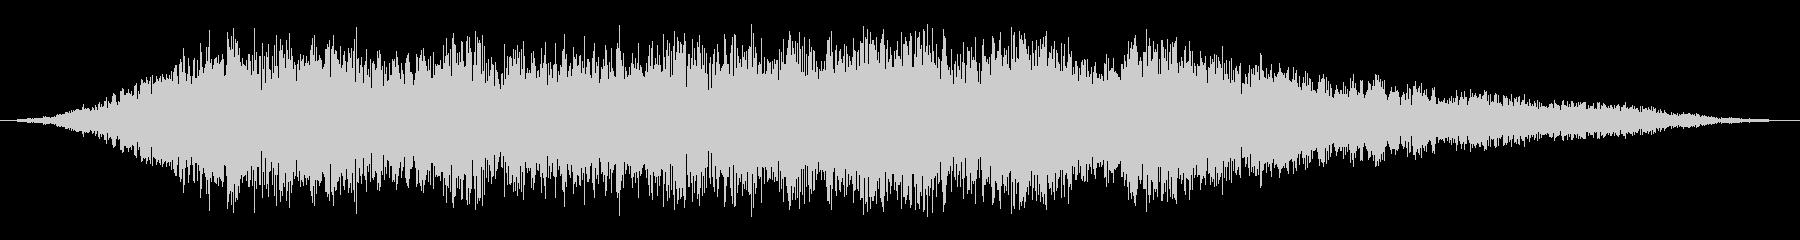 カジノベースゲームスピンBGM4パターンの未再生の波形